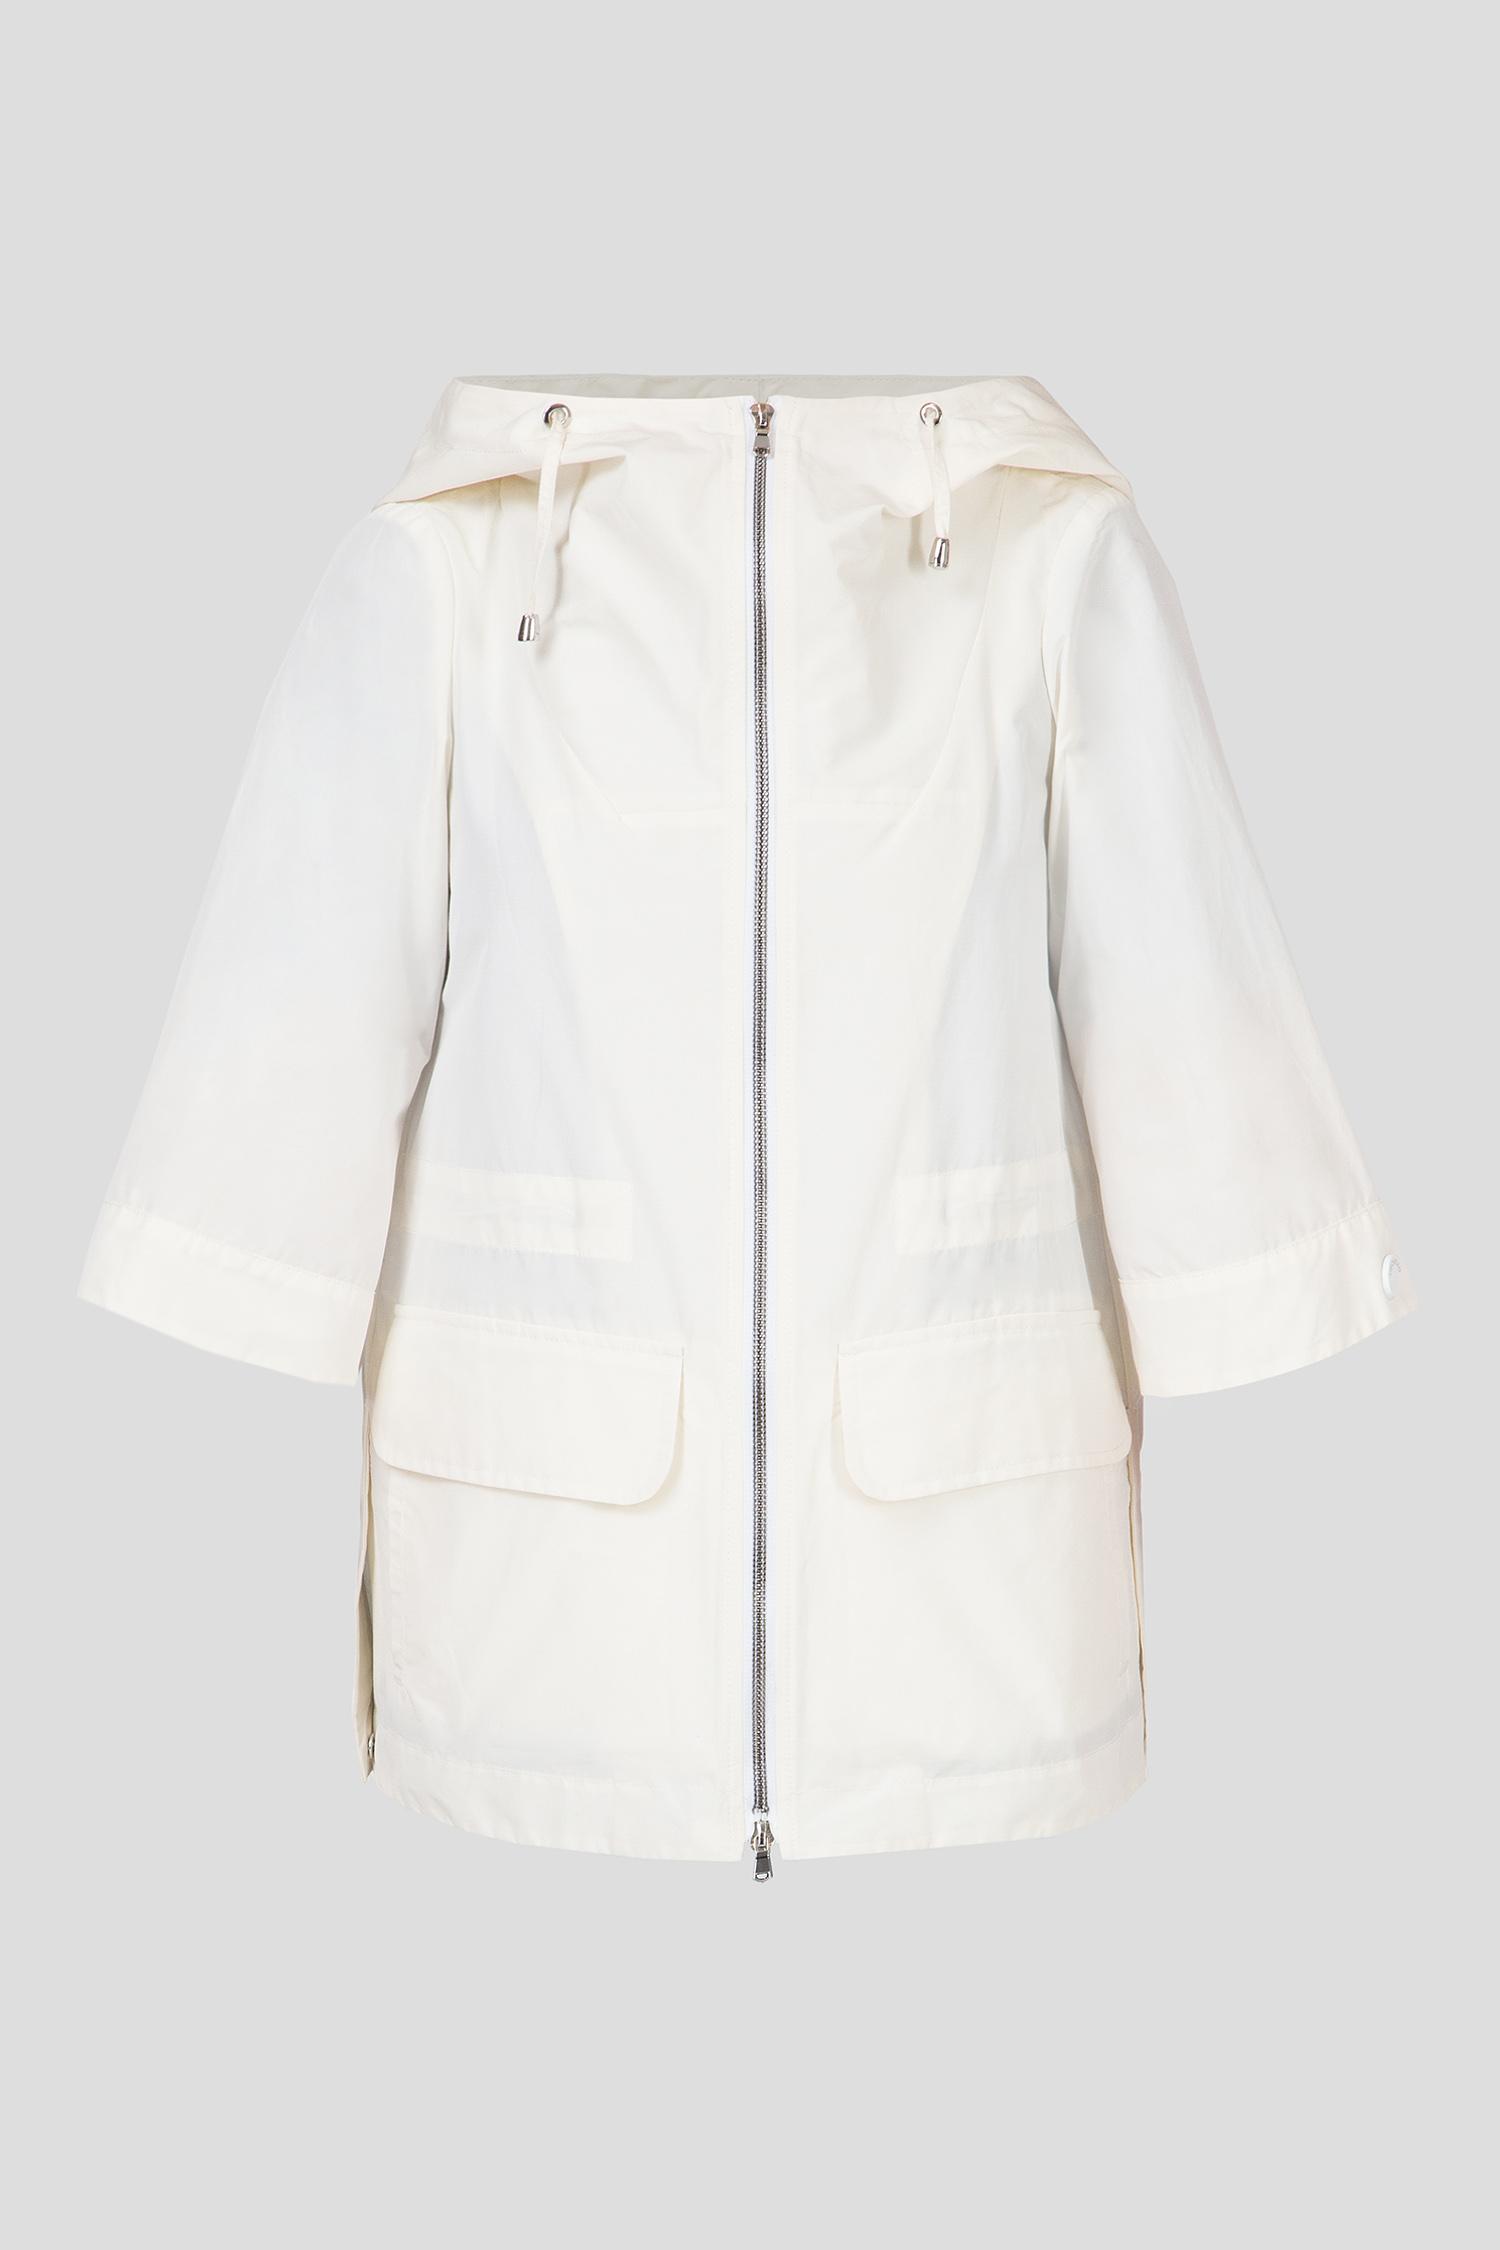 Купить Женская белая ветровка Geospirit Geospirit GED0789-BIA – Киев, Украина. Цены в интернет магазине MD Fashion